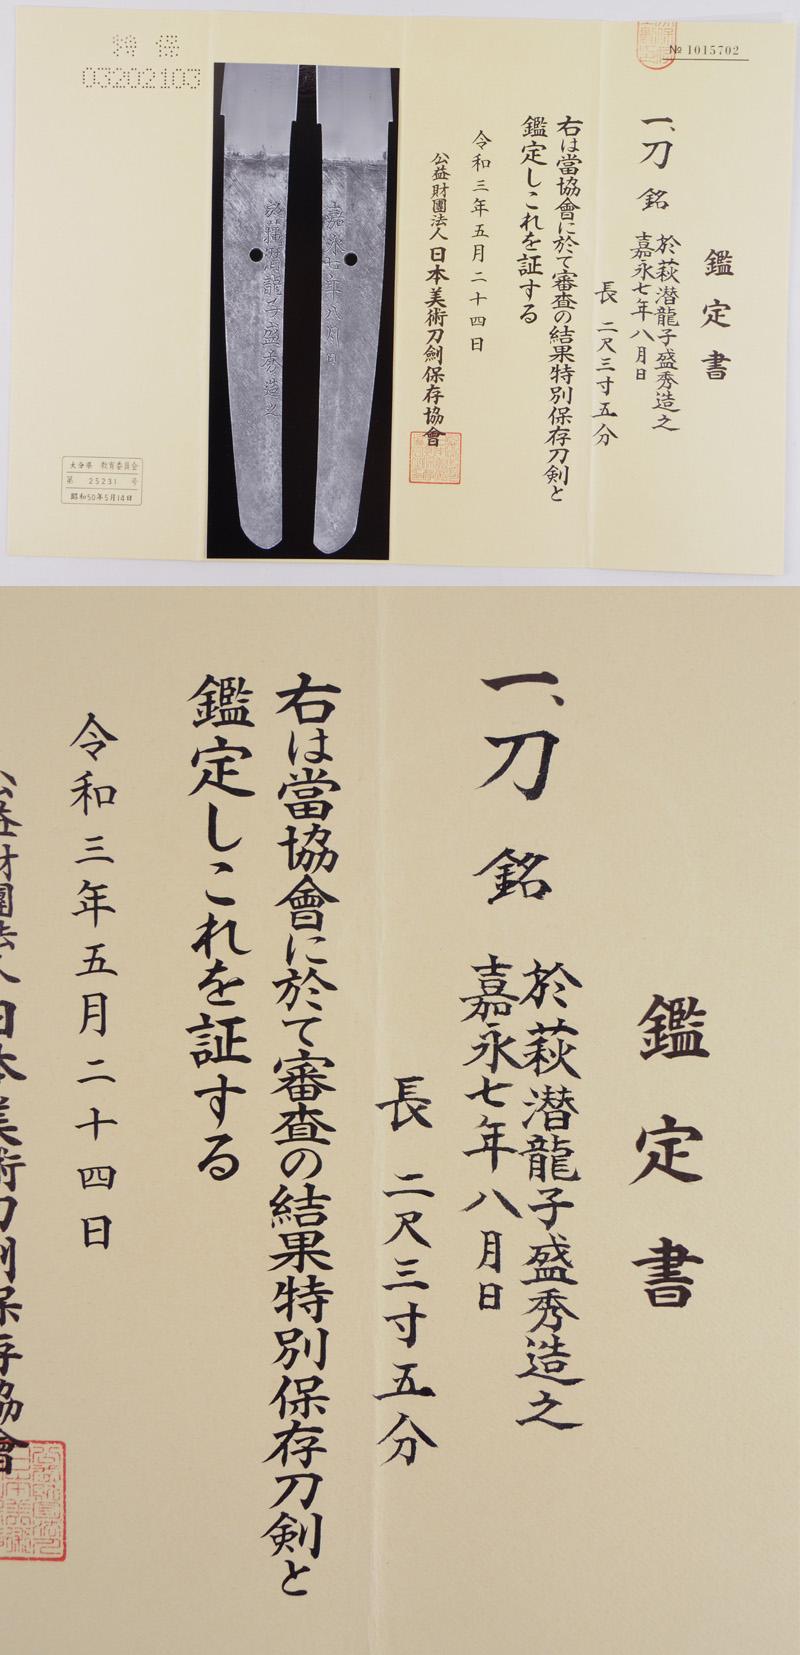 刀 於萩潜龍子盛秀造之  嘉永七年八月日 Picture of Certificate